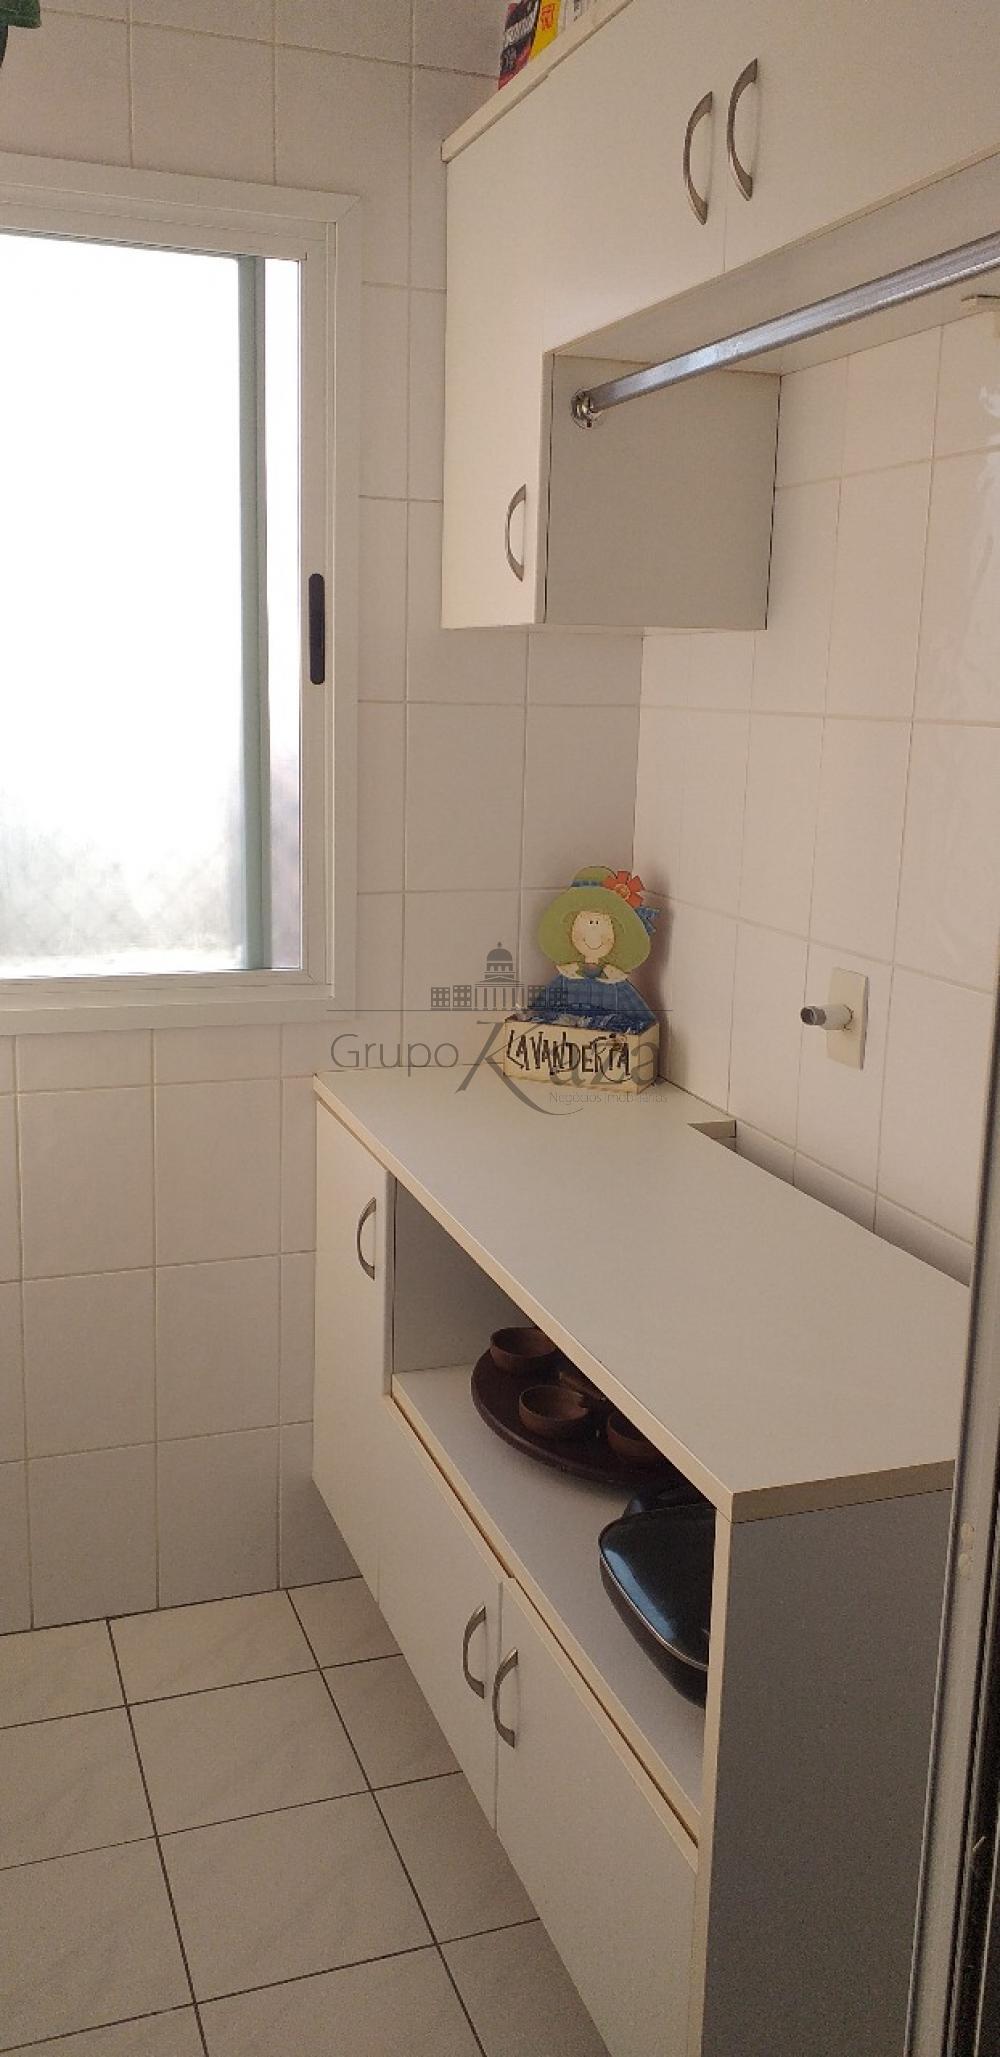 Comprar Apartamento / Padrão em São José dos Campos R$ 475.000,00 - Foto 8